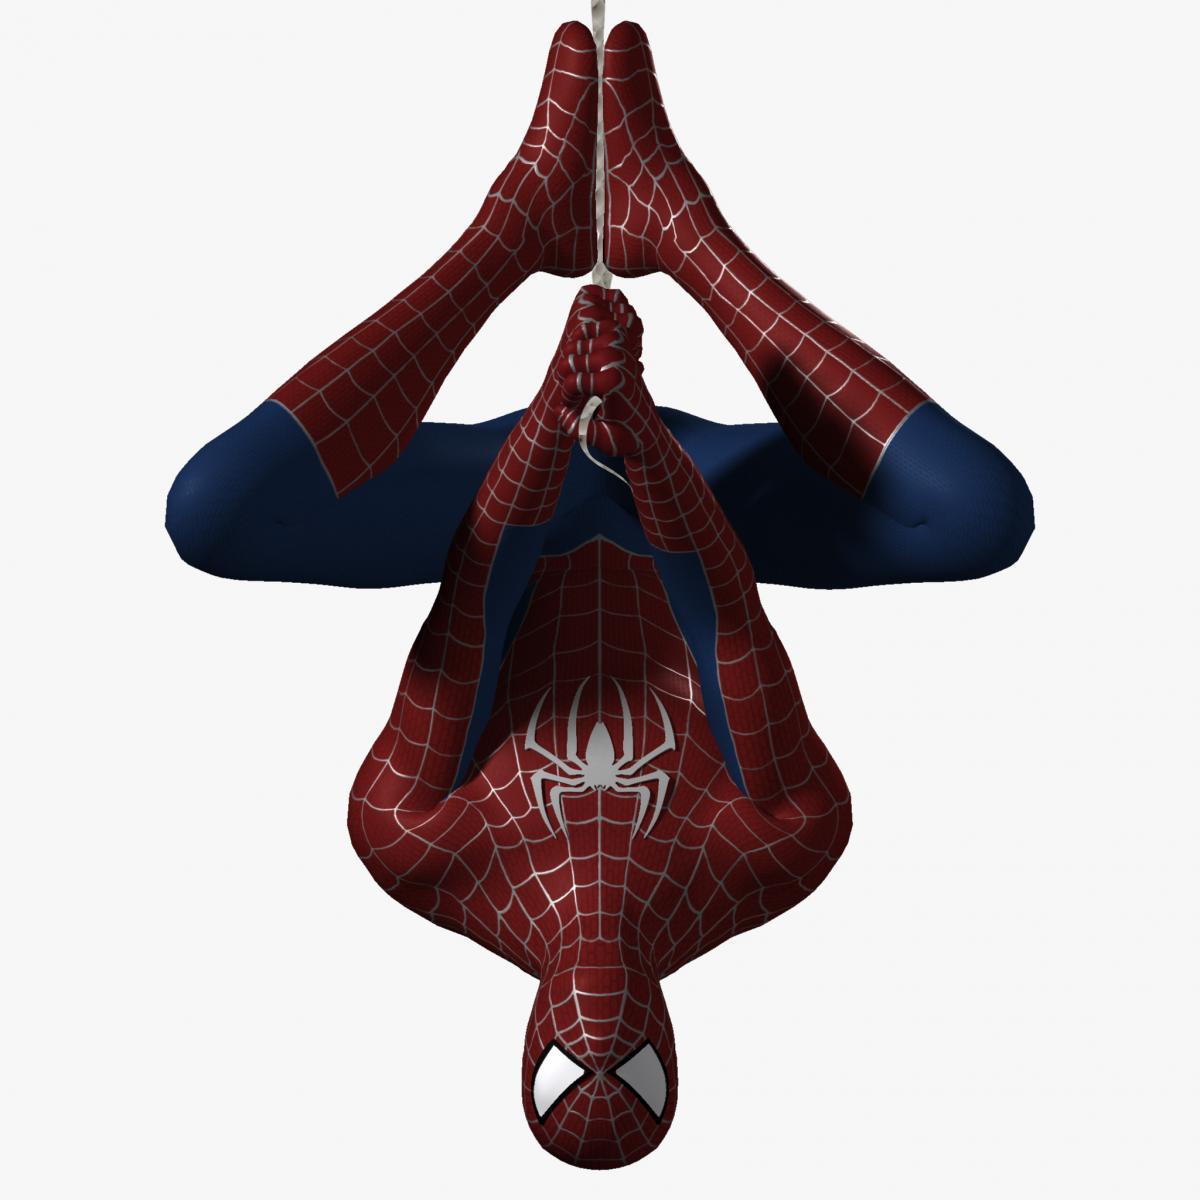 the amazing spiderman hanging pose 3d model turbosquid